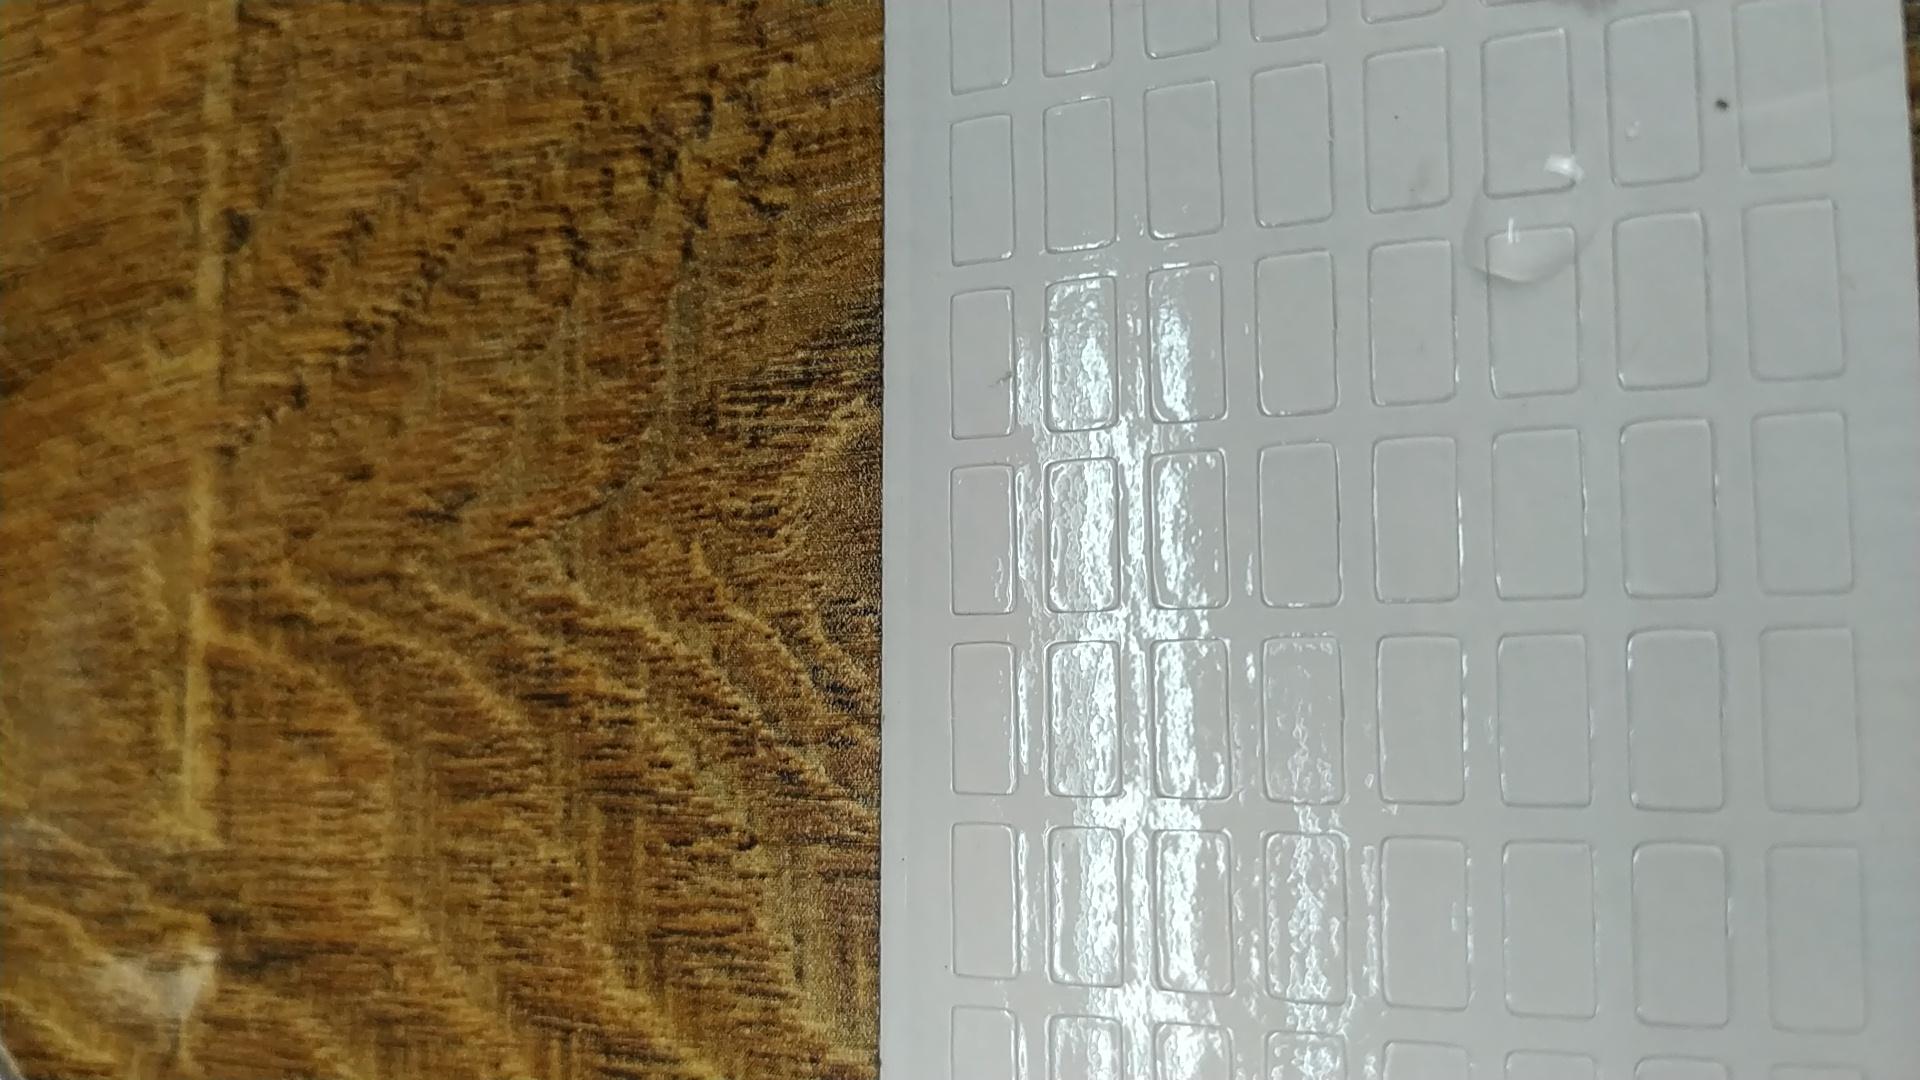 胶印遇水变色贴纸